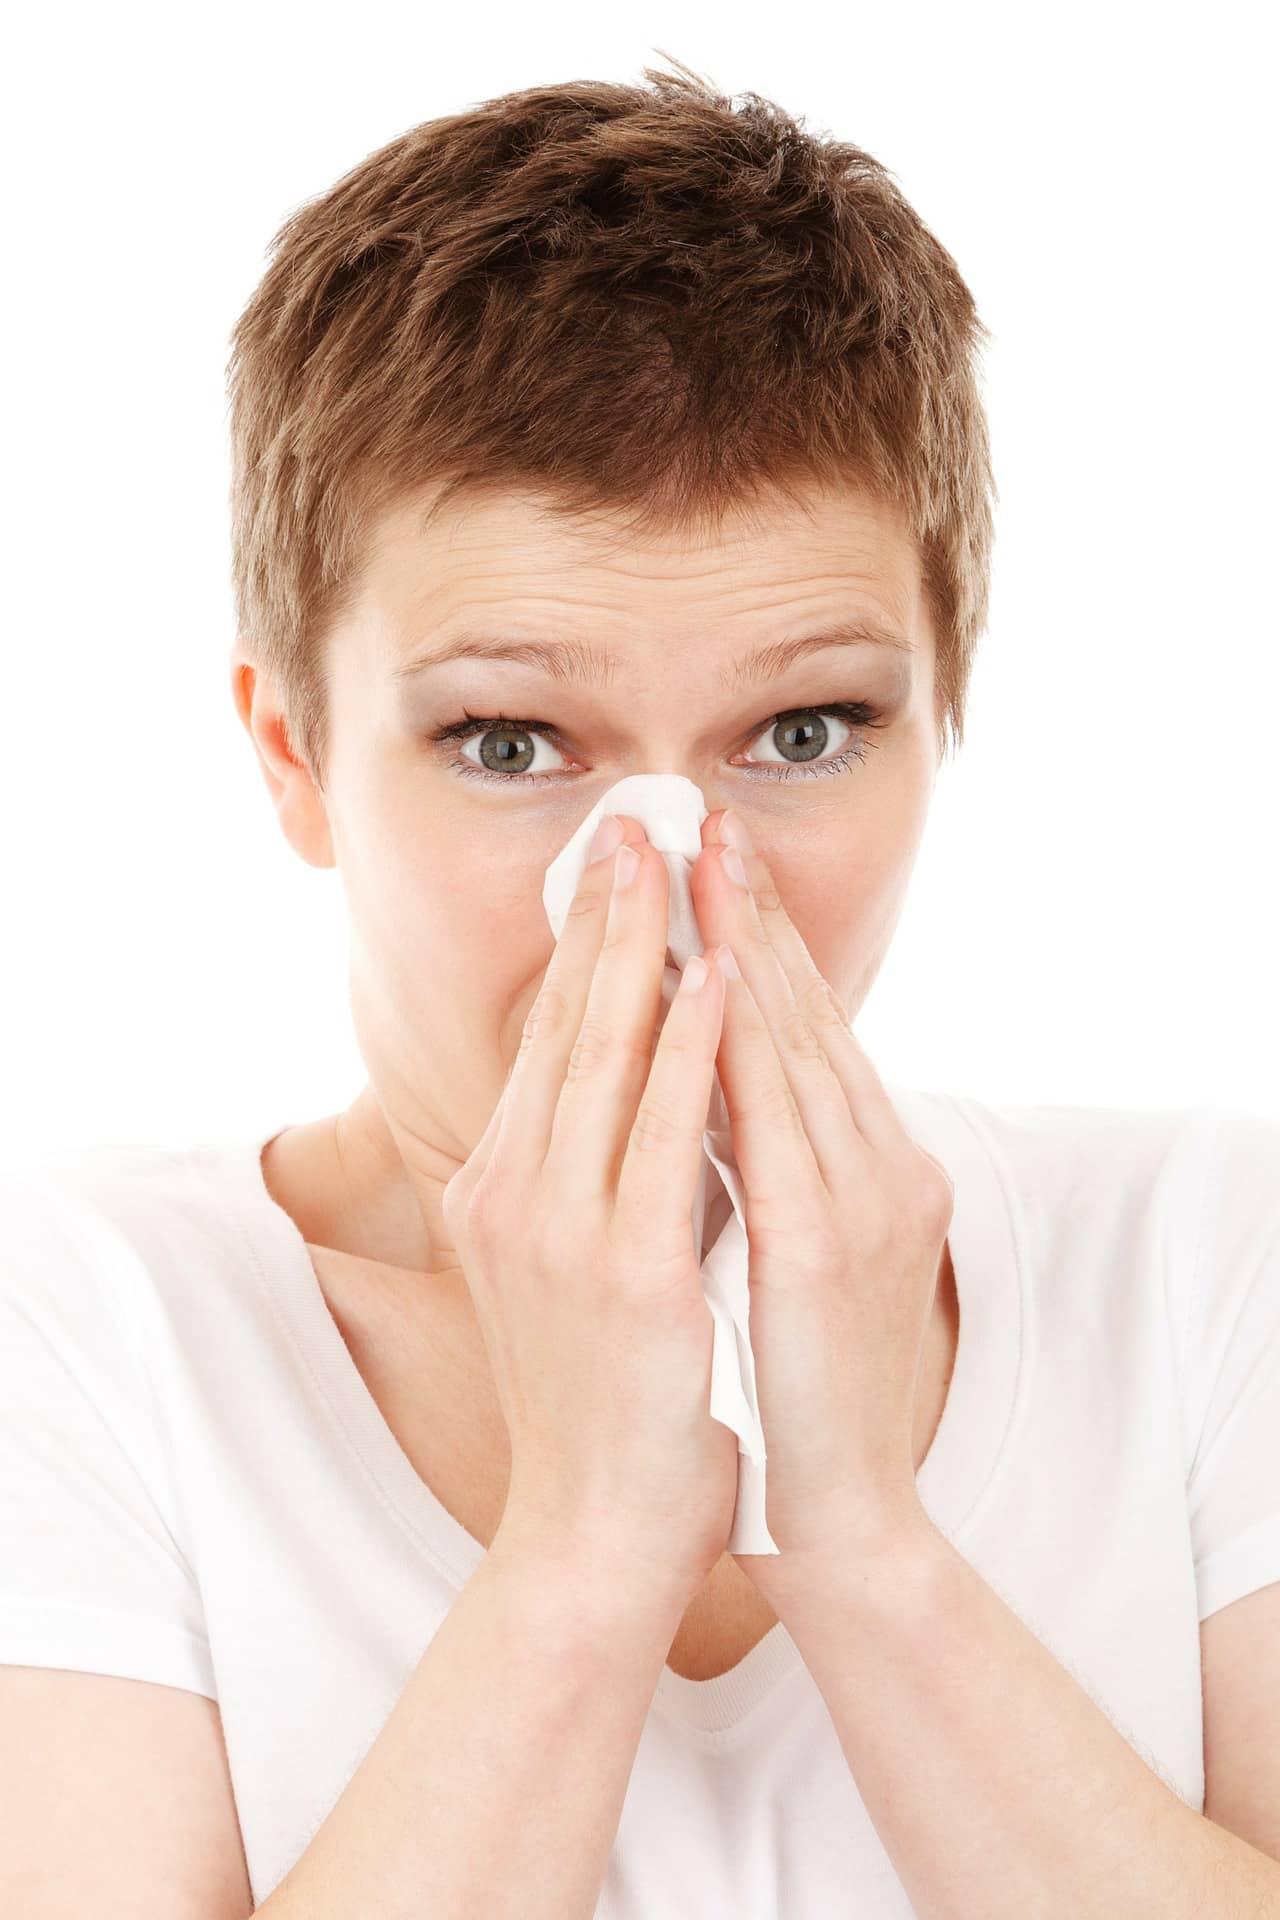 Vacunación contra la gripe: todo lo que necesitas saber